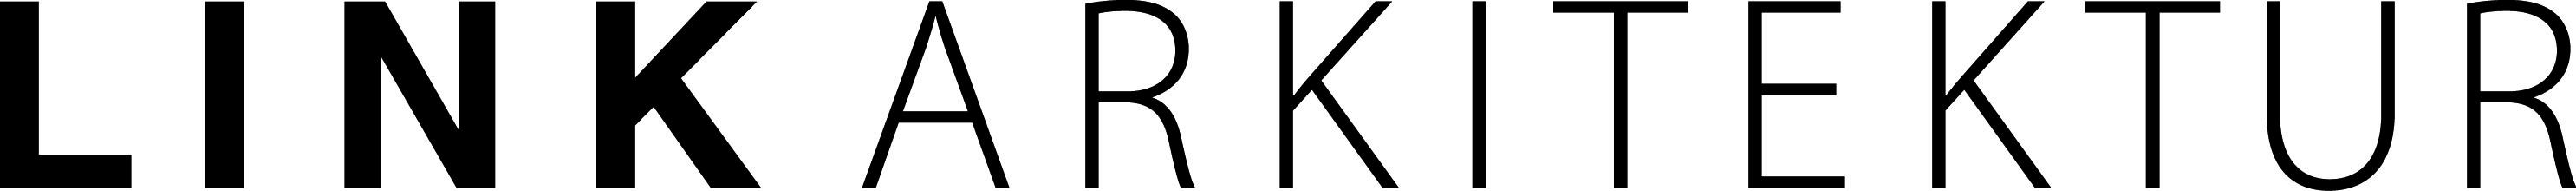 LINK arkitektur logo black